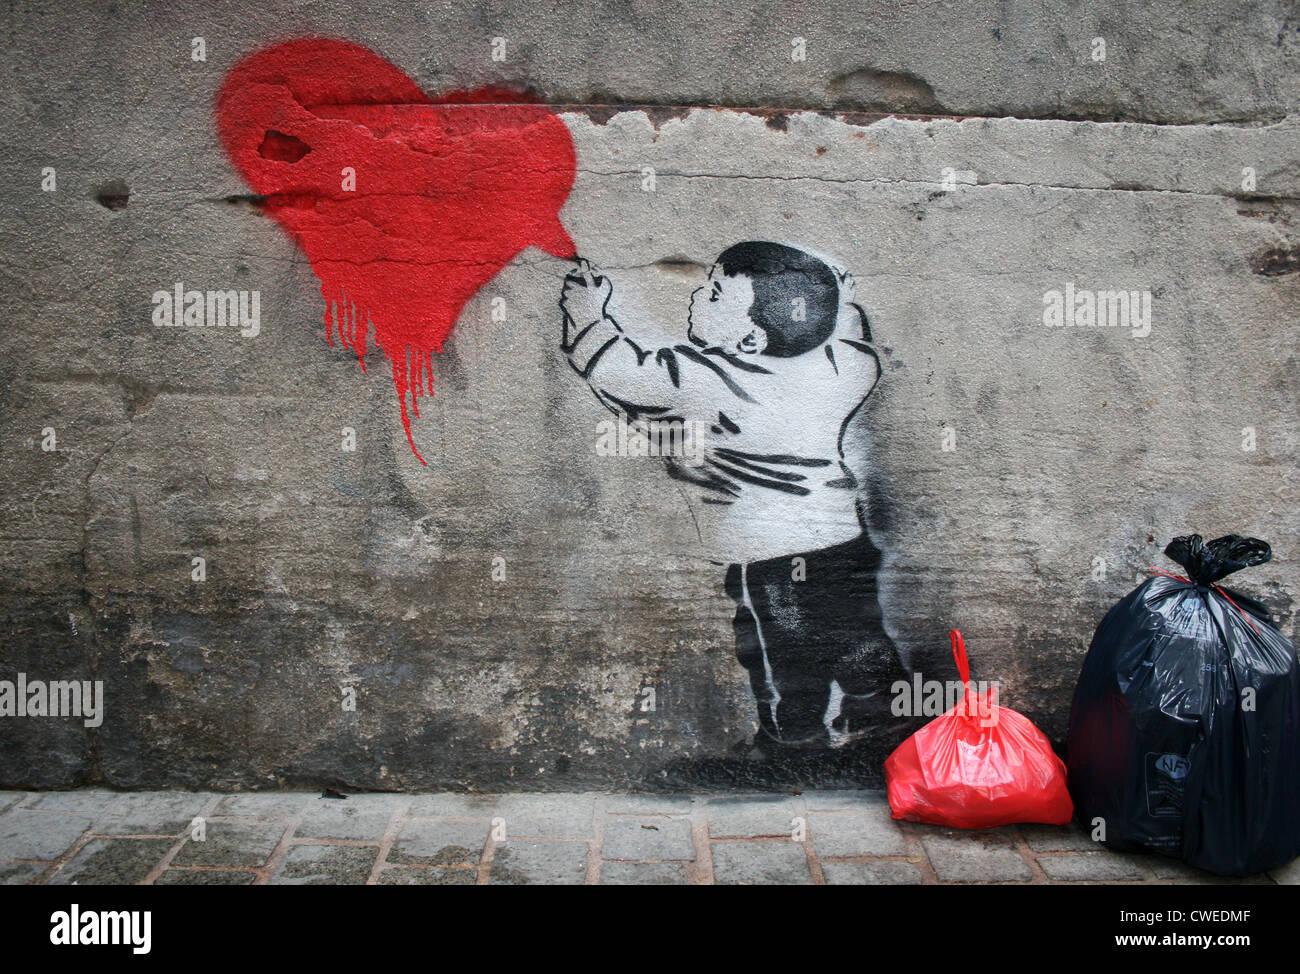 La pulvérisation,coeur,graffiti,streetart Banque D'Images